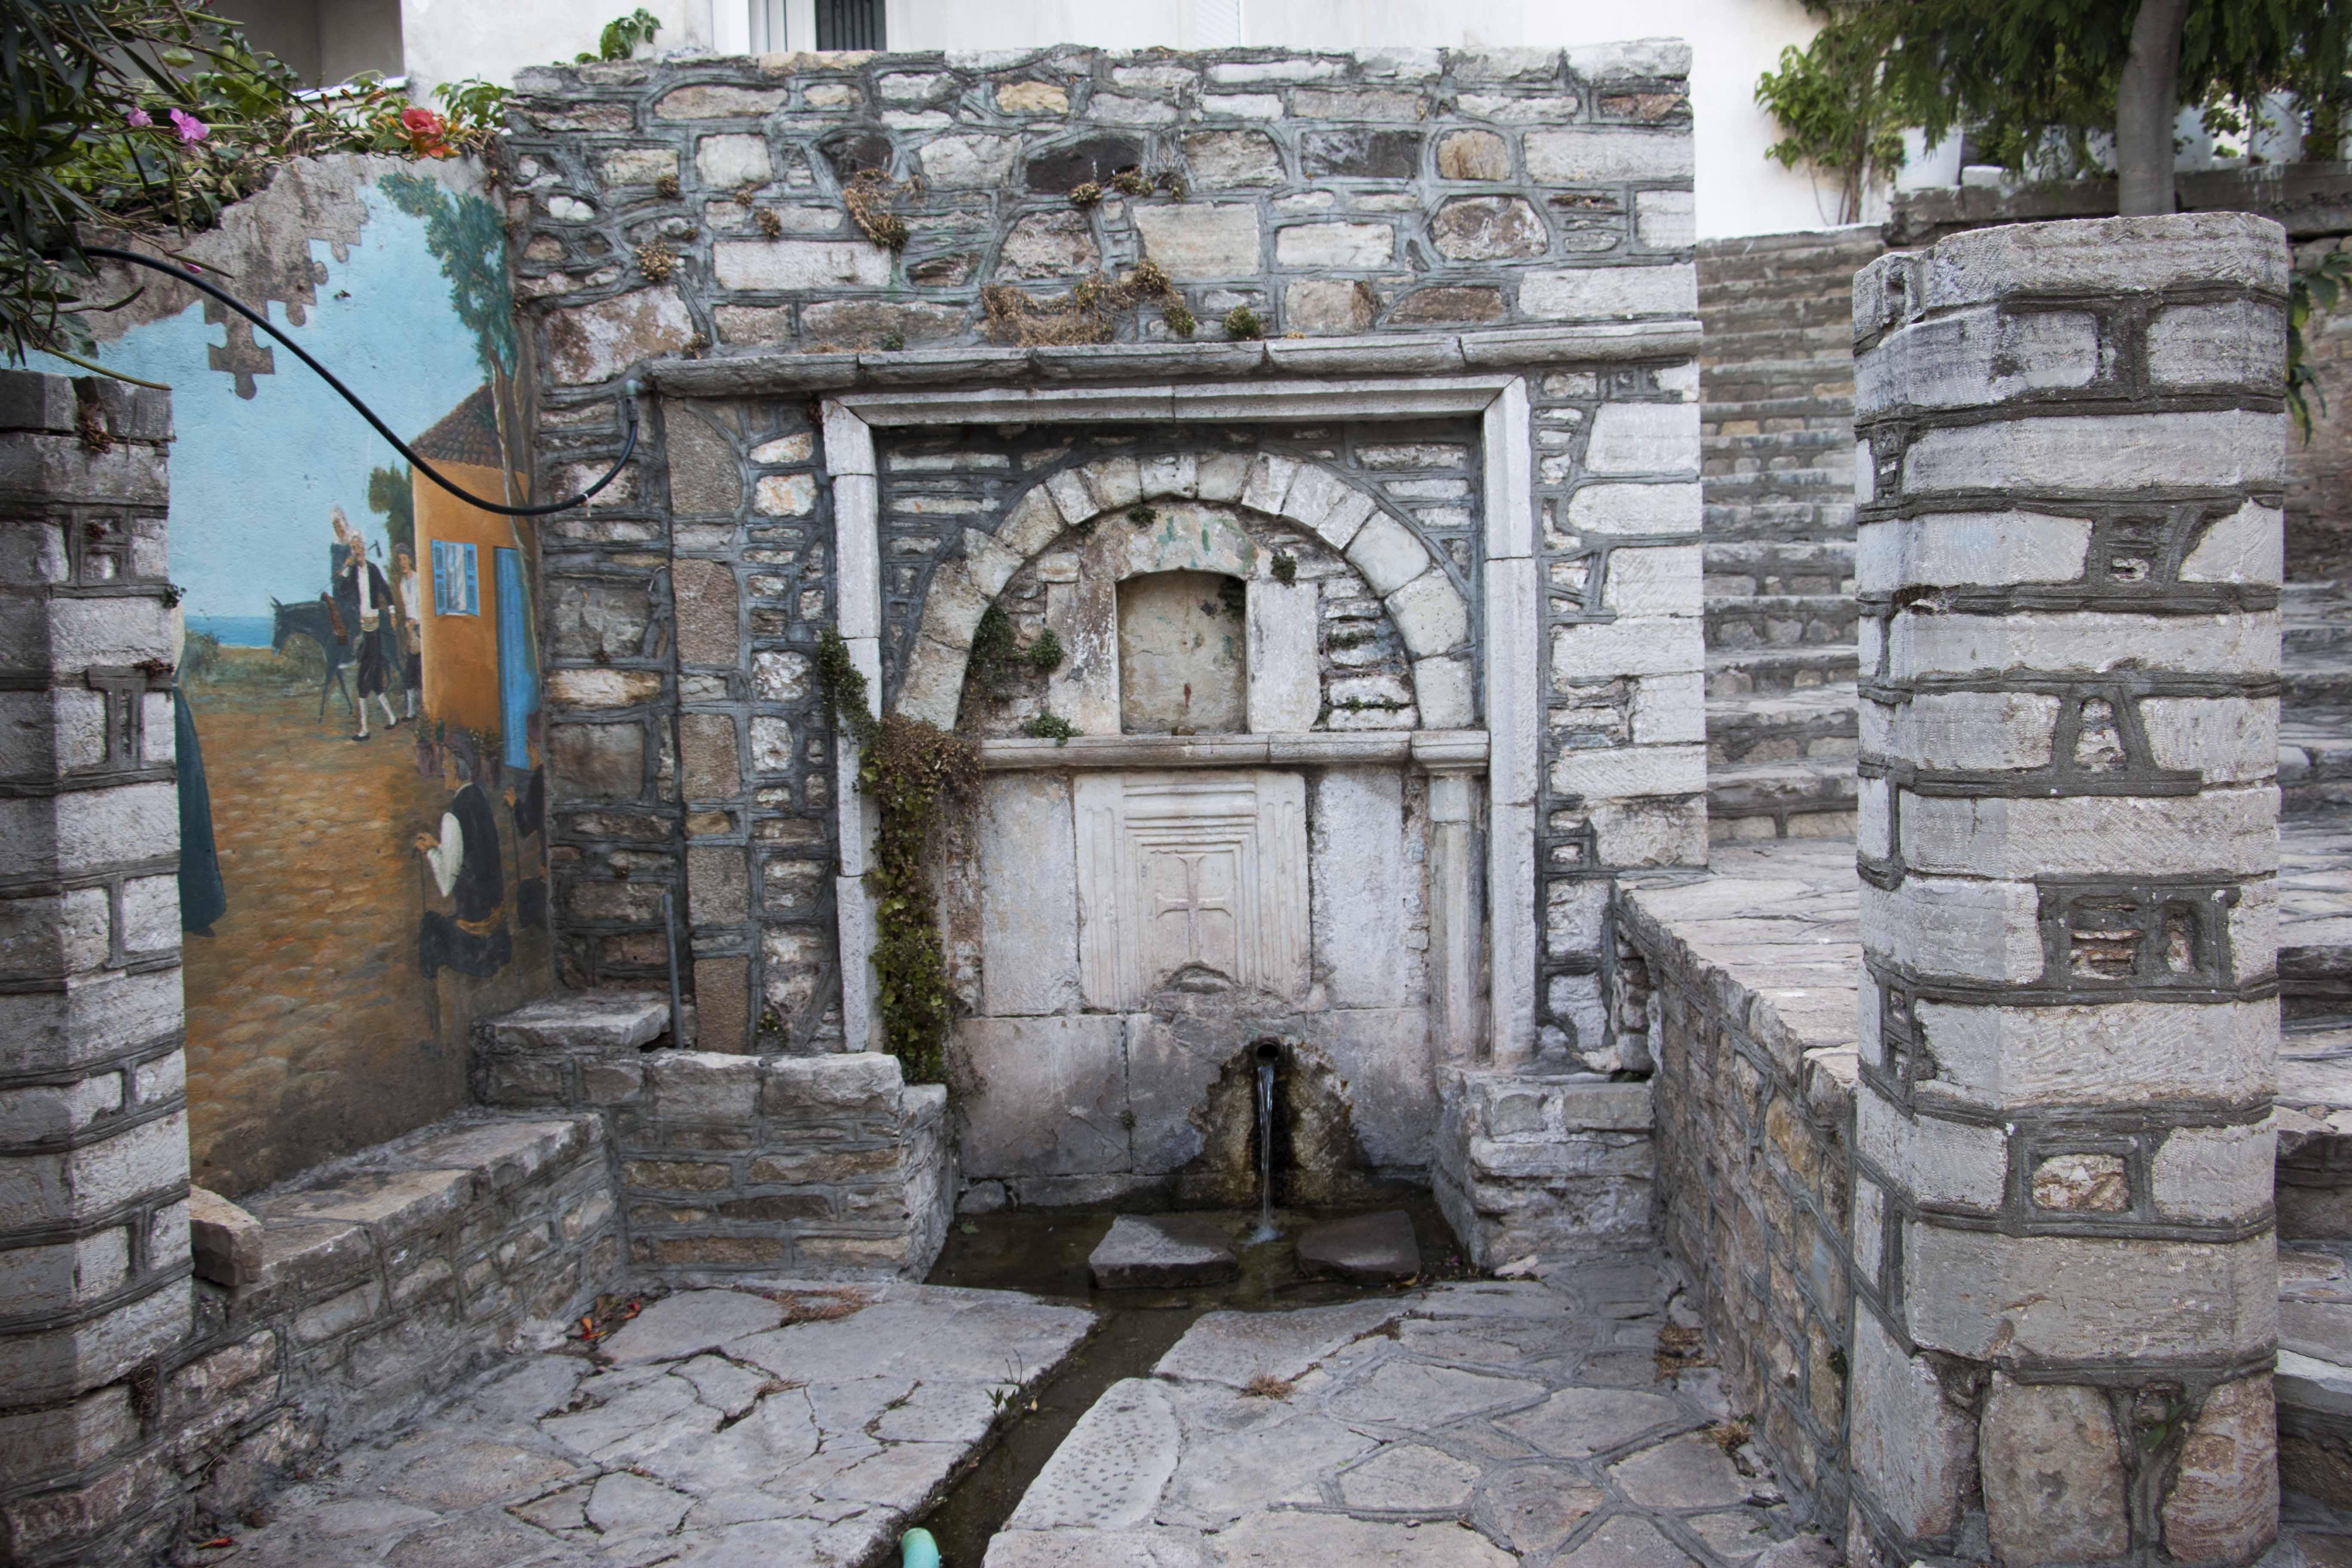 Βρύση Σγούρου, Μαραθόκαμπος Σάμου